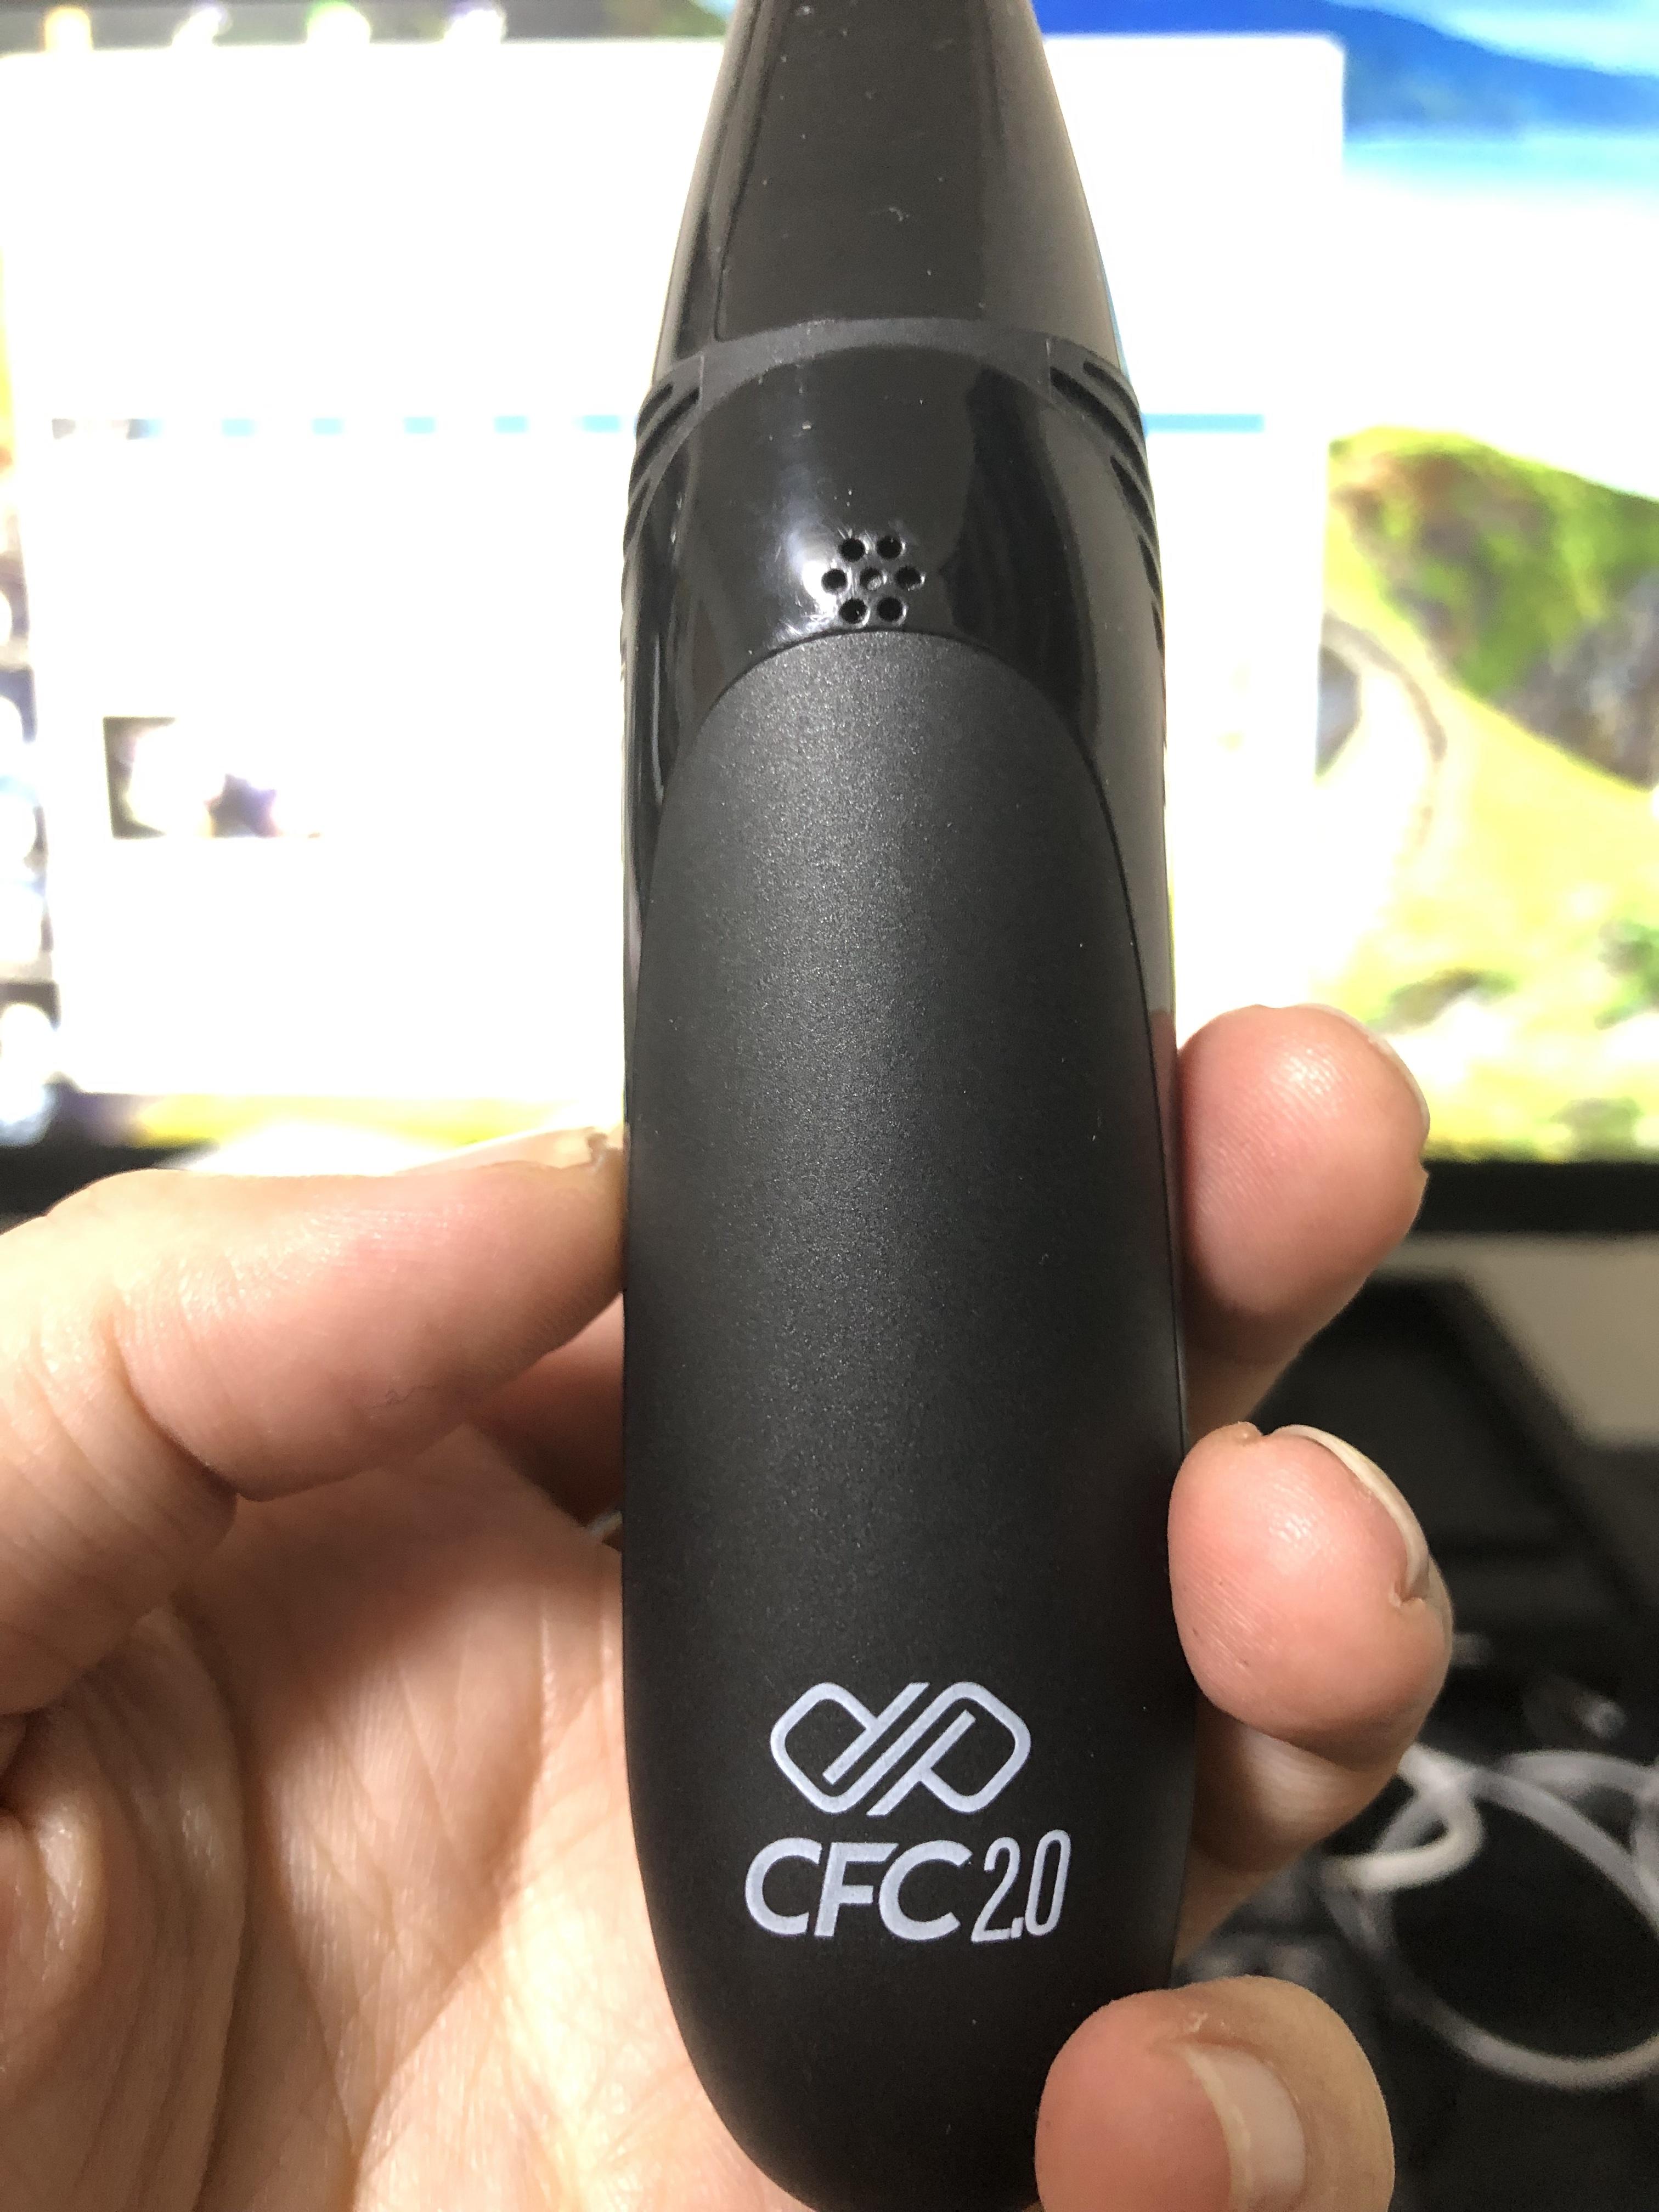 20181216 070350976 iOS - 【レビュー】シャグぽんしやすい!BOUNDLESS CFC 2.0で吸いやすさを手に入れよう【バウンドレスシーエフシー2.0/ヴェポナビ】